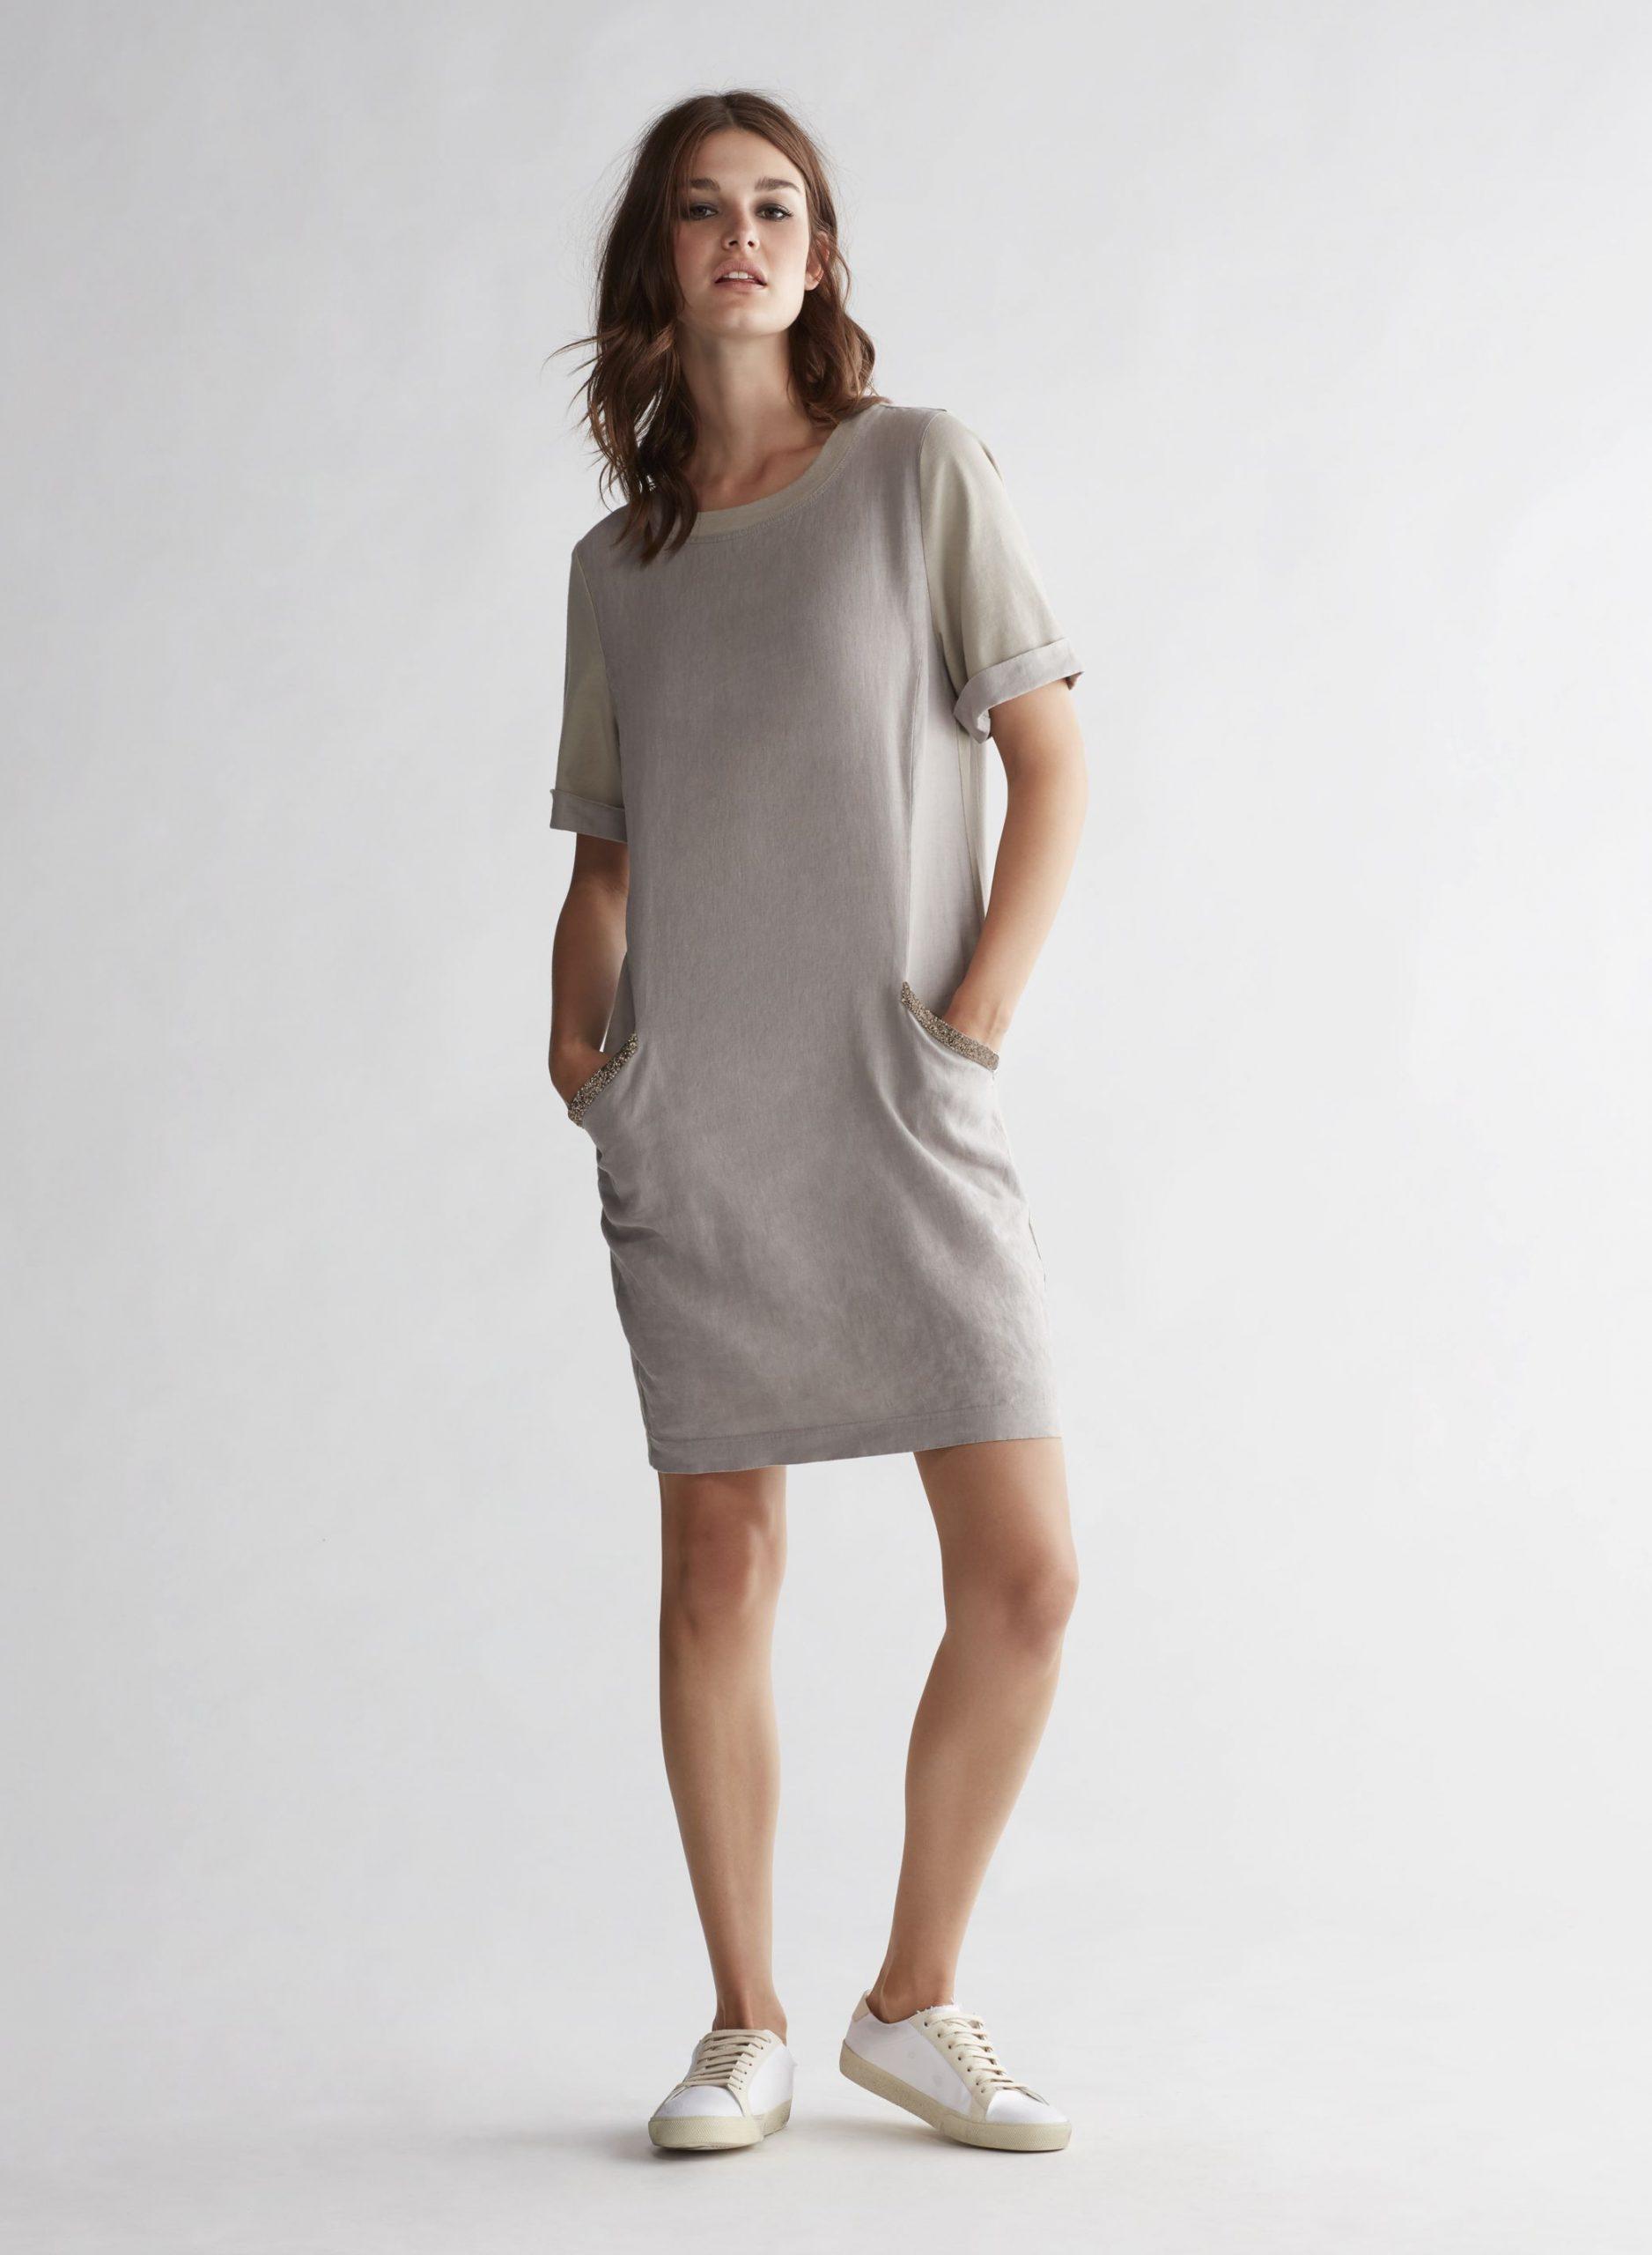 Oui  Sporty Dress  Sportliche Kleider Modestil Feminin